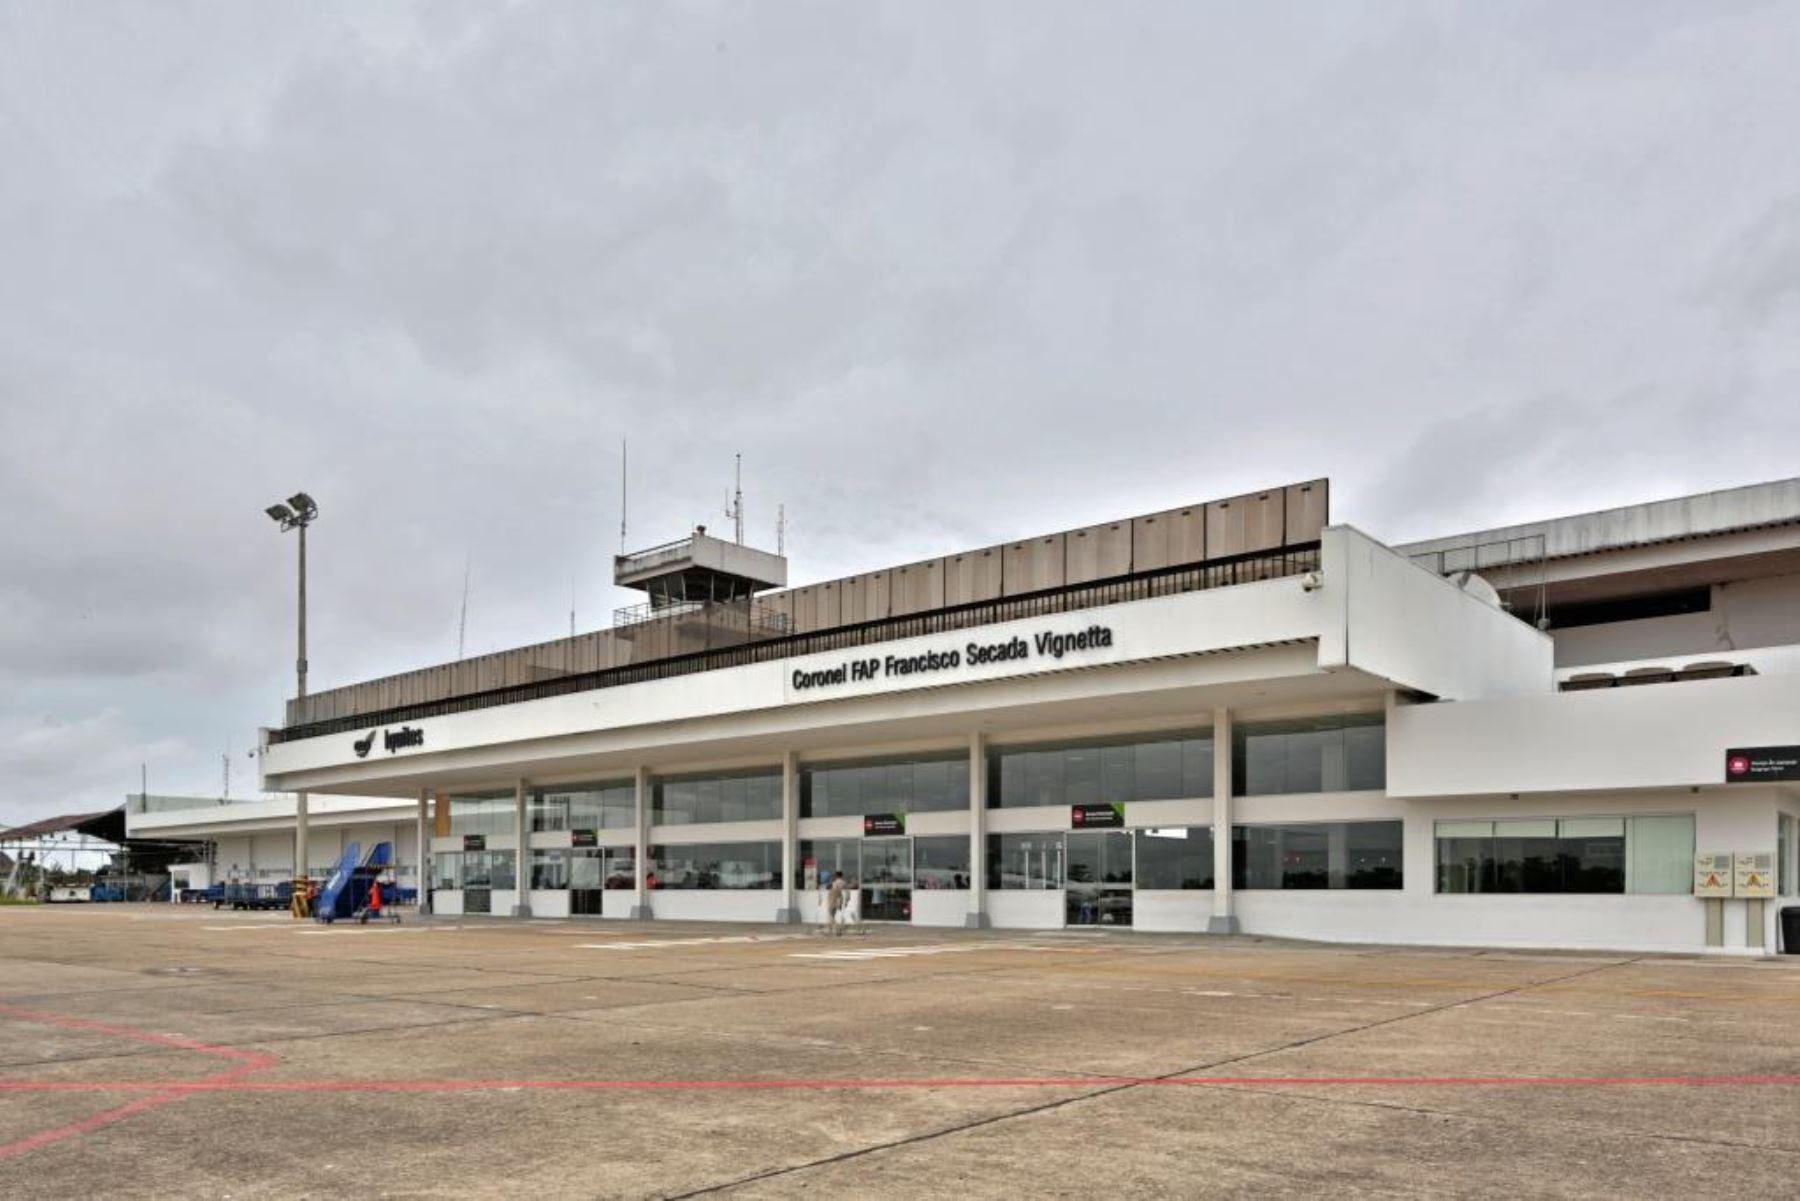 Aeropuerto Internacional Coronel FAP Francisco Secada Vignetta de Iquitos. Foto: Cortesía.